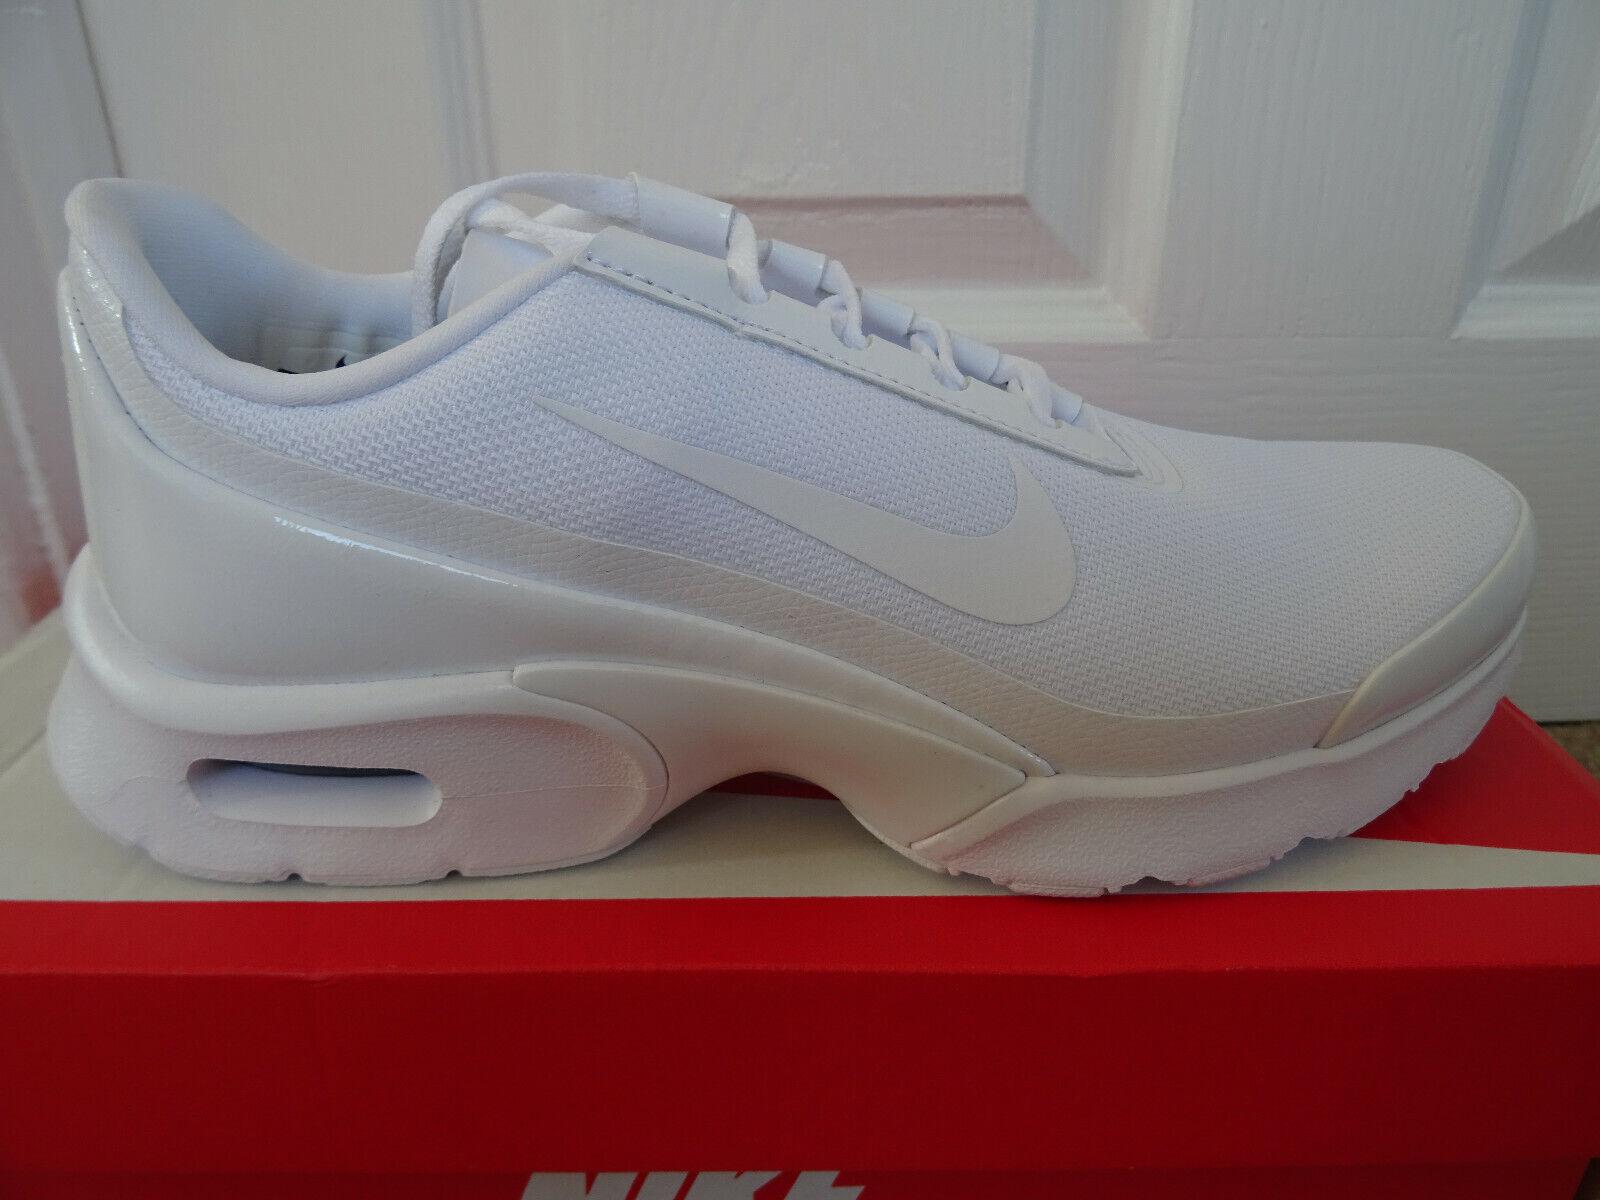 Nike Air Air Air Max Jewell wmns trainers schuhe 896194 104 uk 6 eu 40 us 8.5 NEW+BOX d01e5e